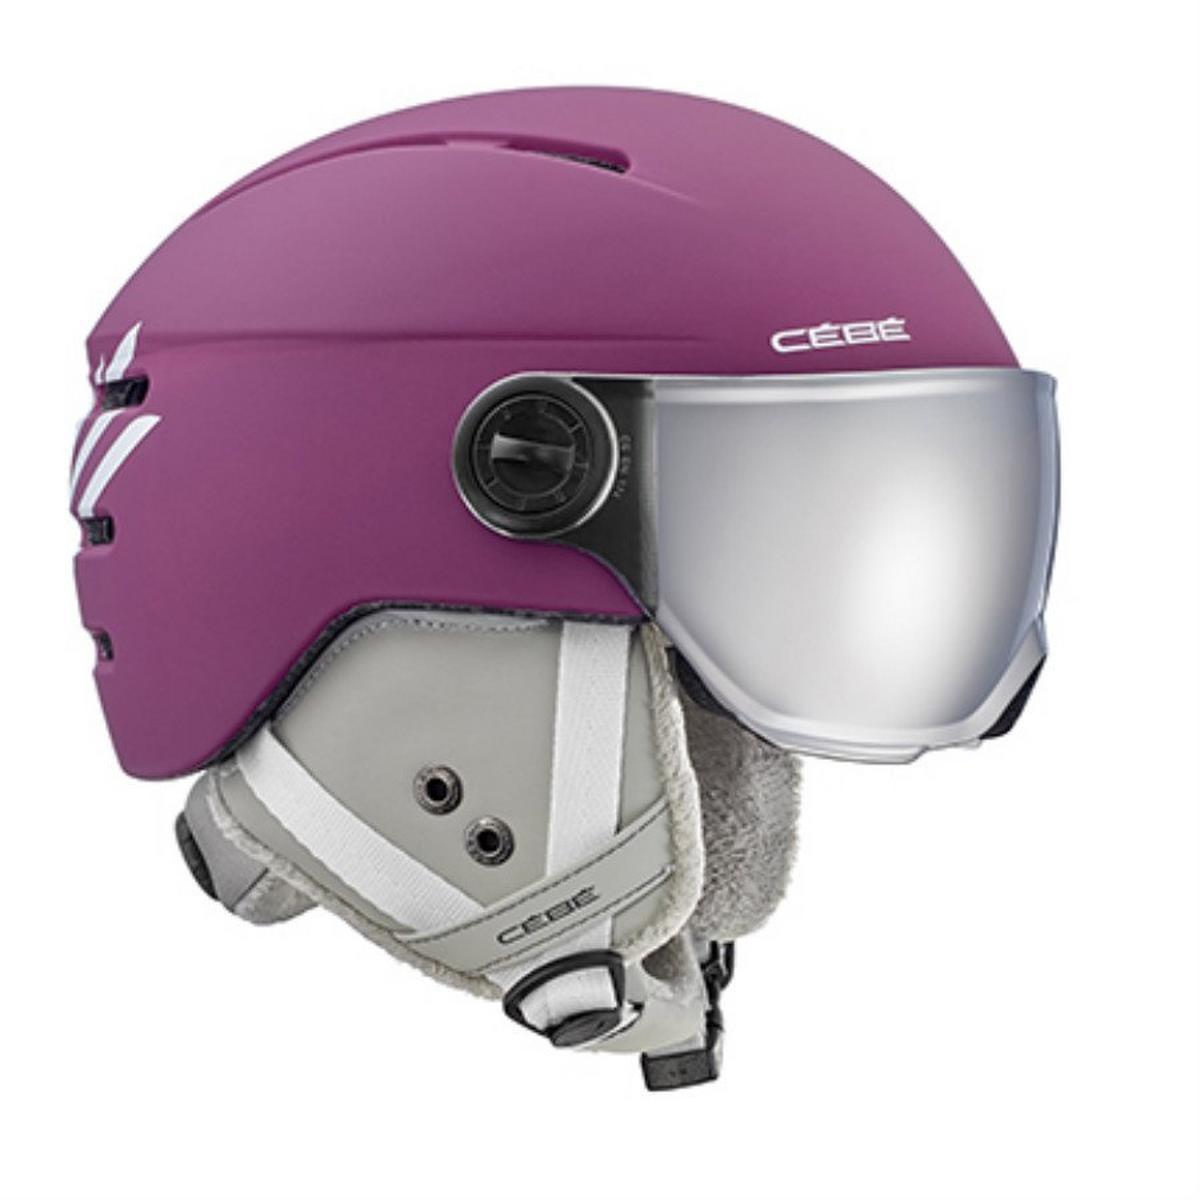 Cebe Fireball Junior Visor Ski Helmet